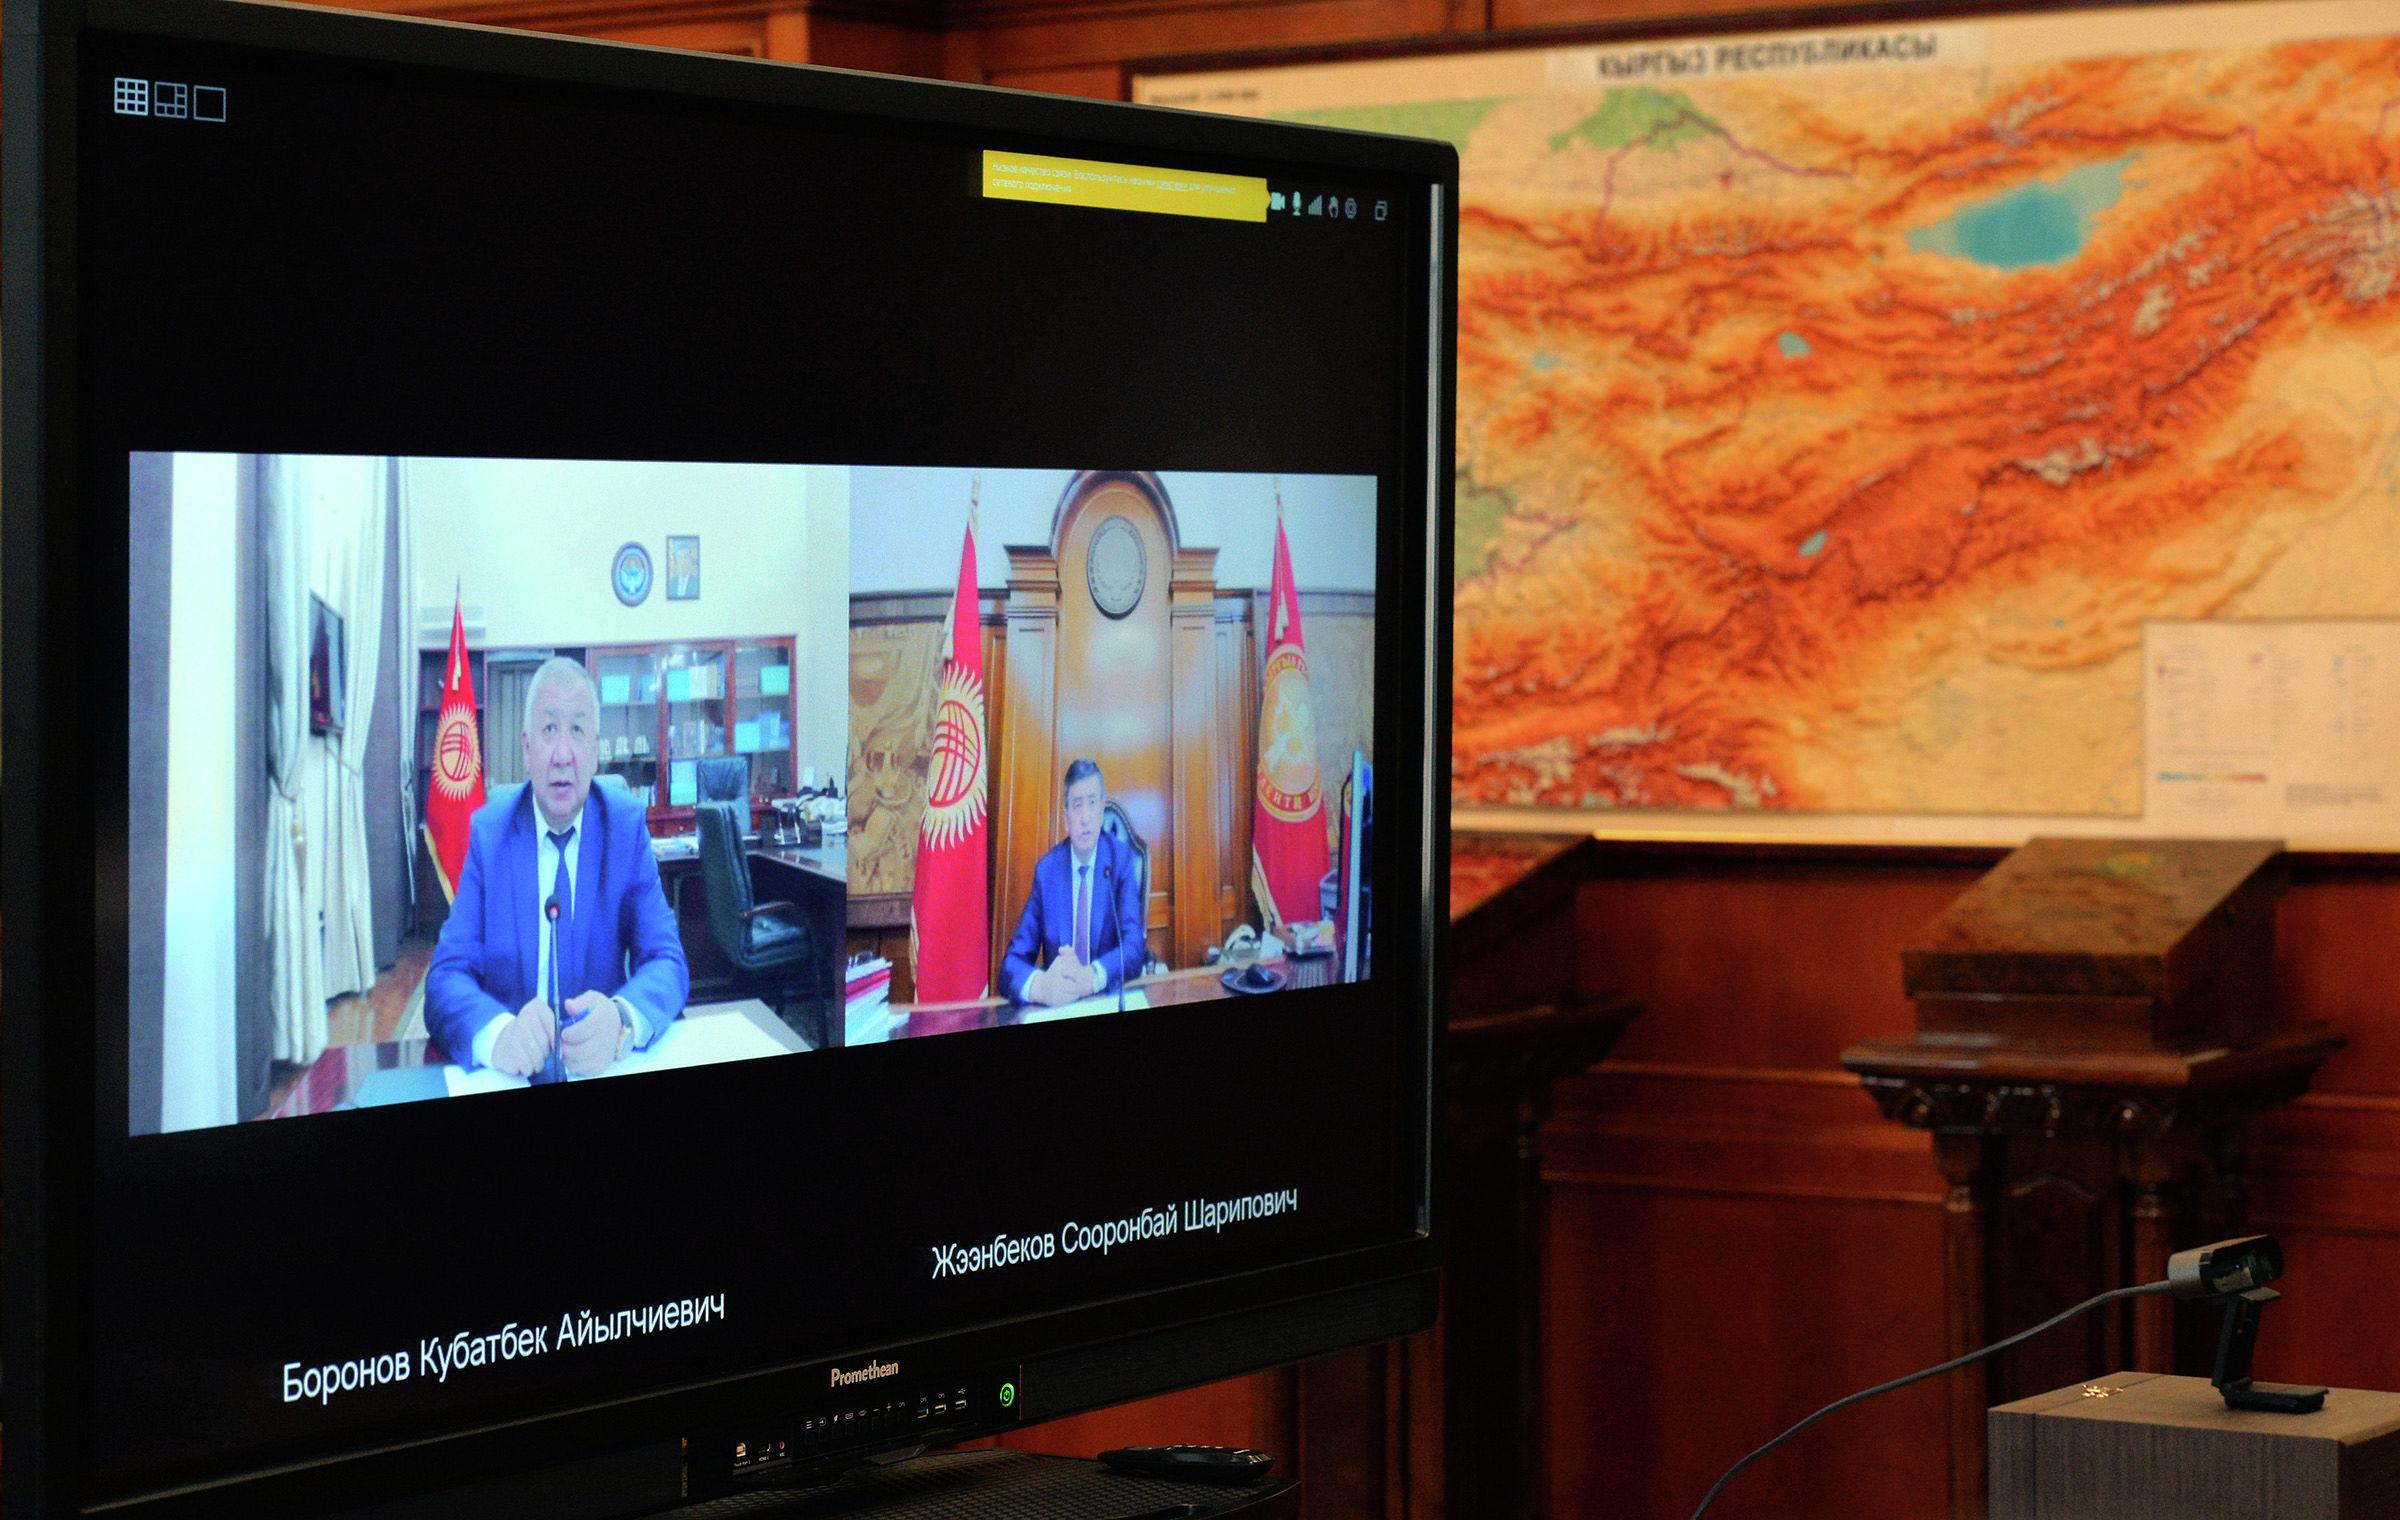 Президент Кыргызской Республики Сооронбай Жээнбеков провел онлайн-совещание с Премьер-министром страны Кубатбеком Бороновым. 14 сентября 2020 года